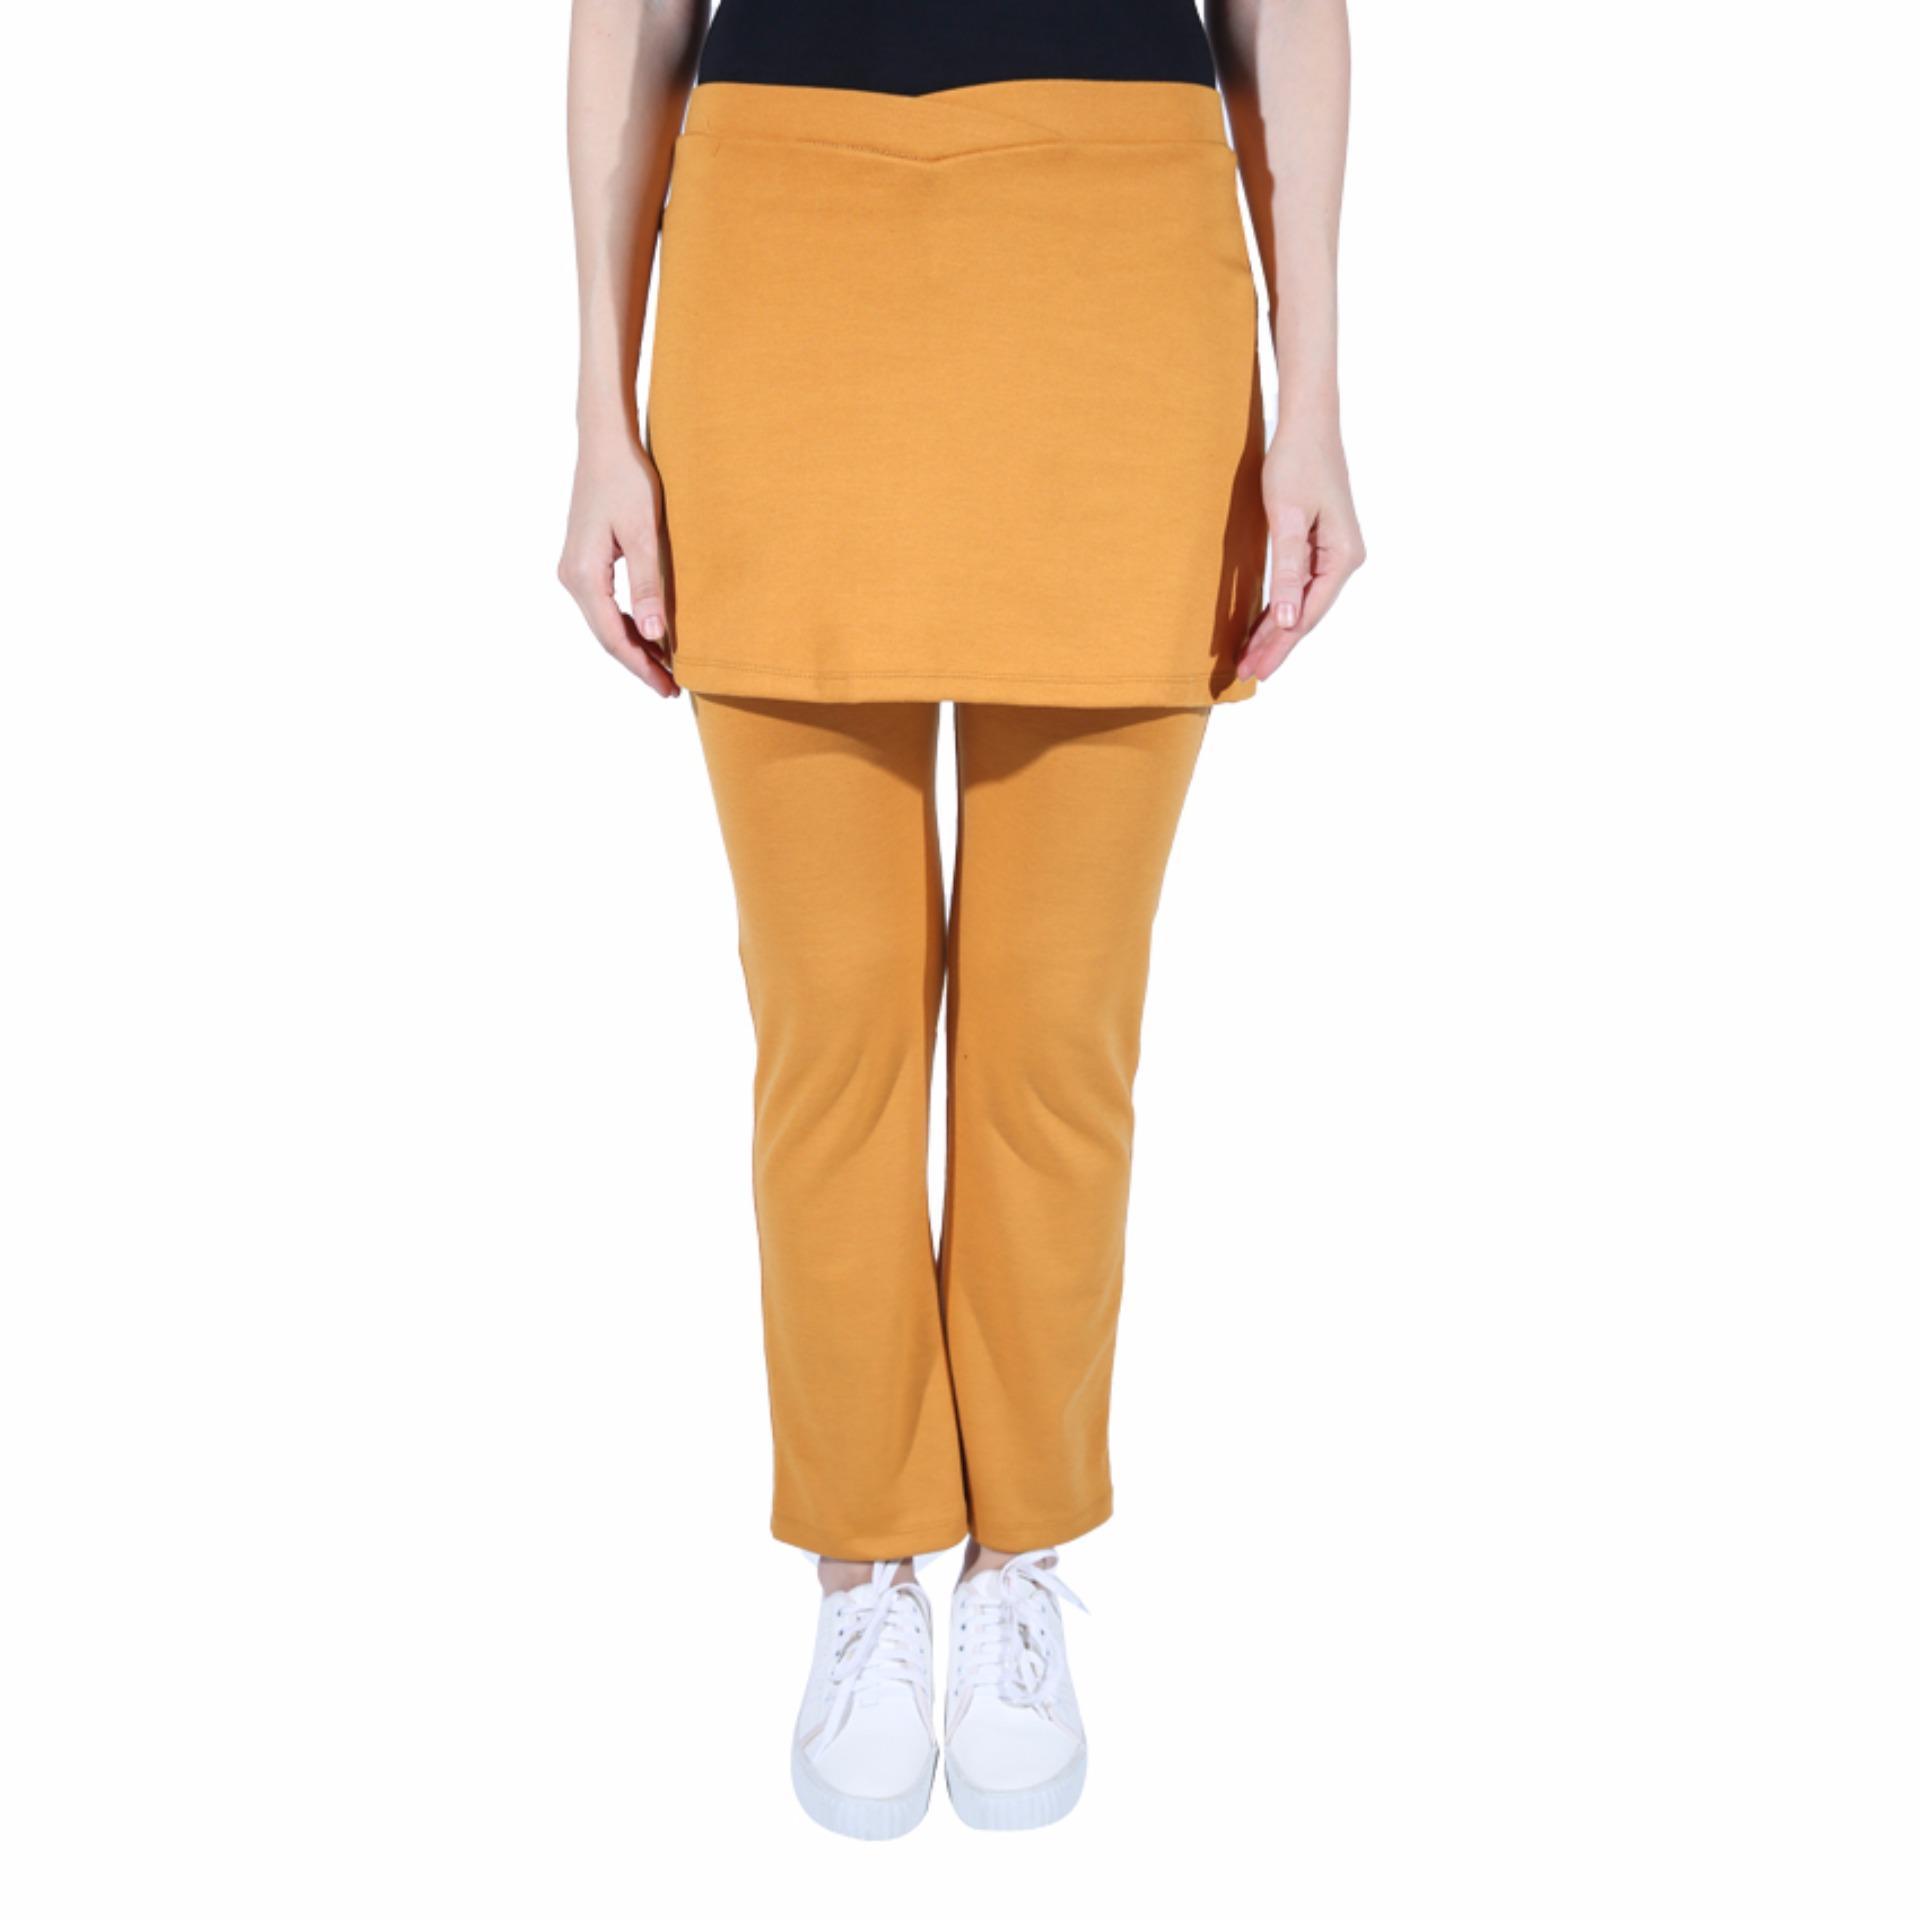 Harga Celana Senam Wanita Kuning Kunyit Baru Murah